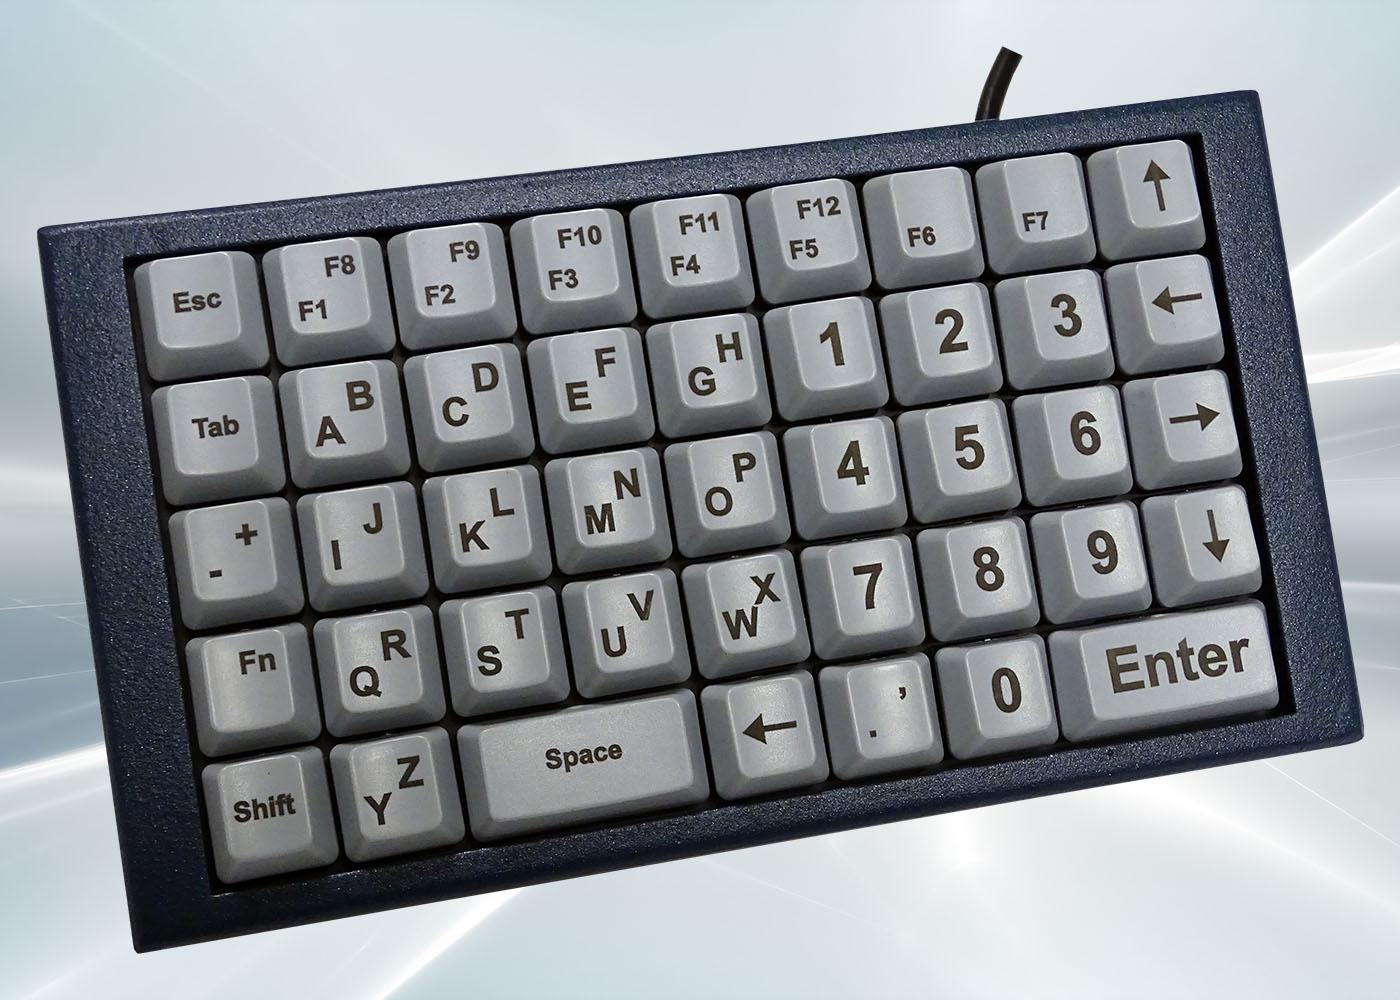 NX518 : clavier industriel compact 43 touches en boitier de table